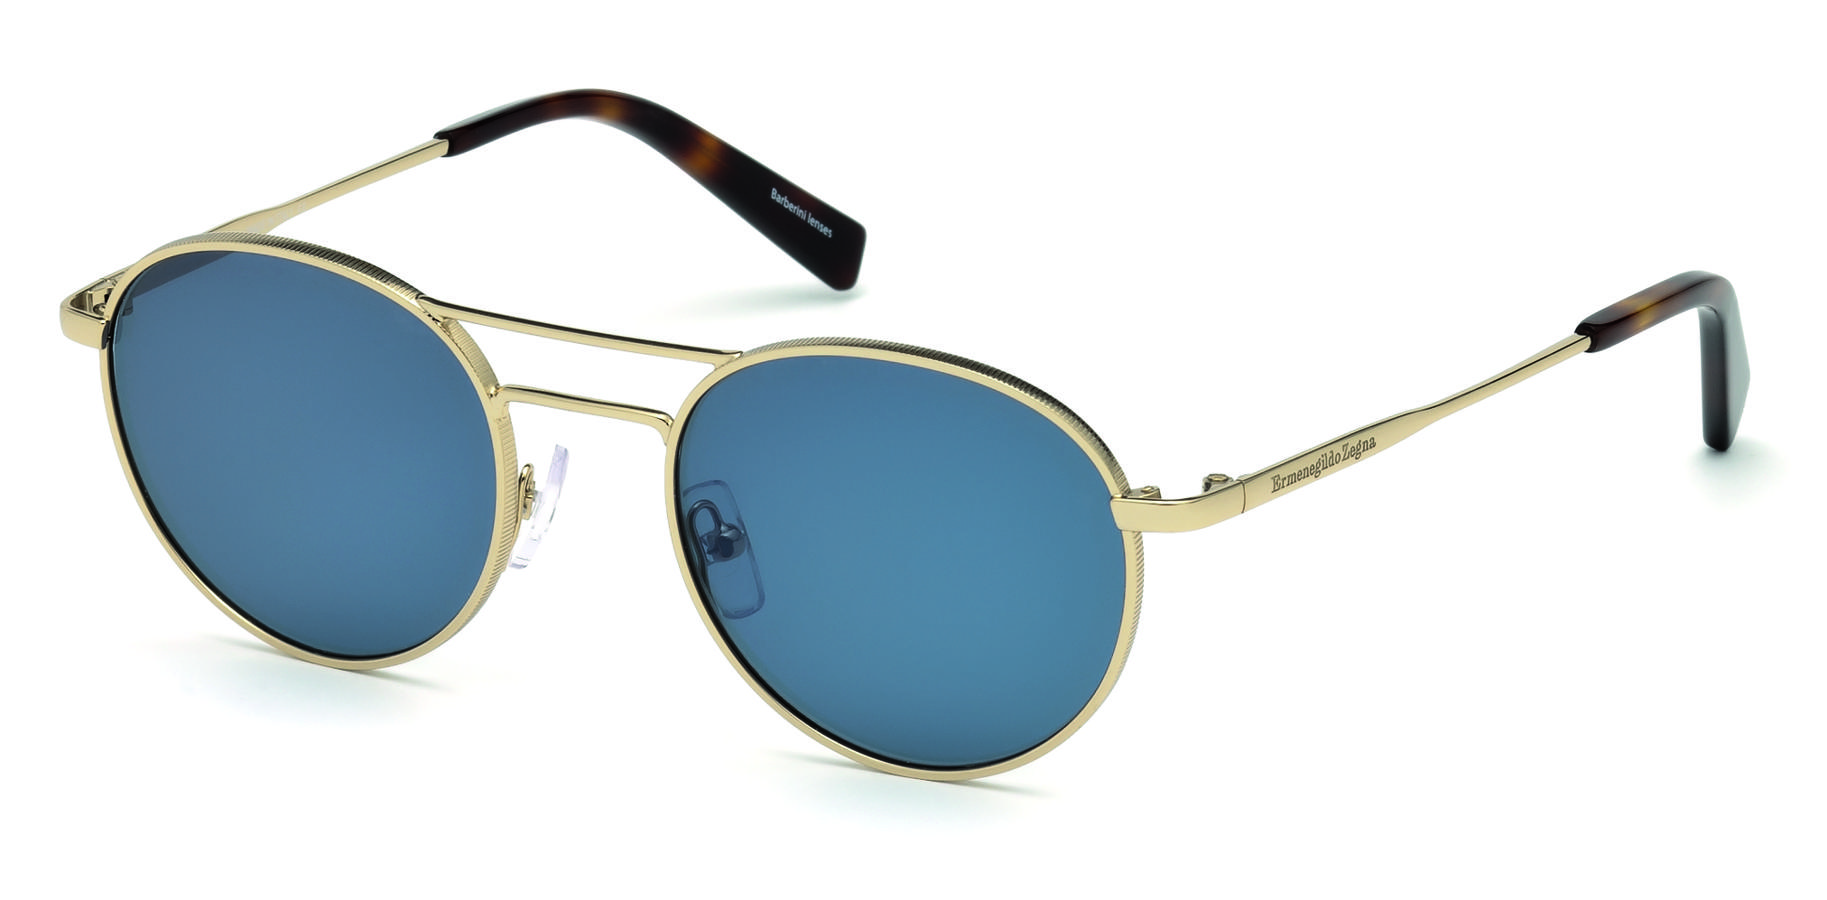 Gafas de sol de Ermenegildo Zegna